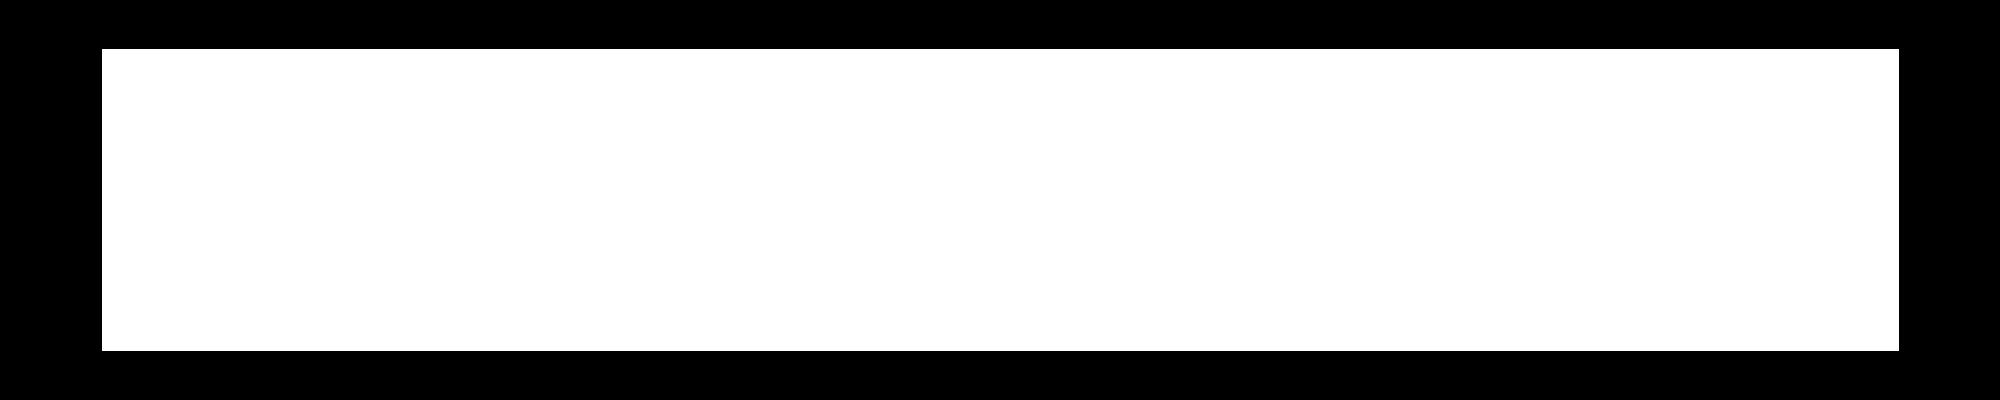 Mark de Rooij